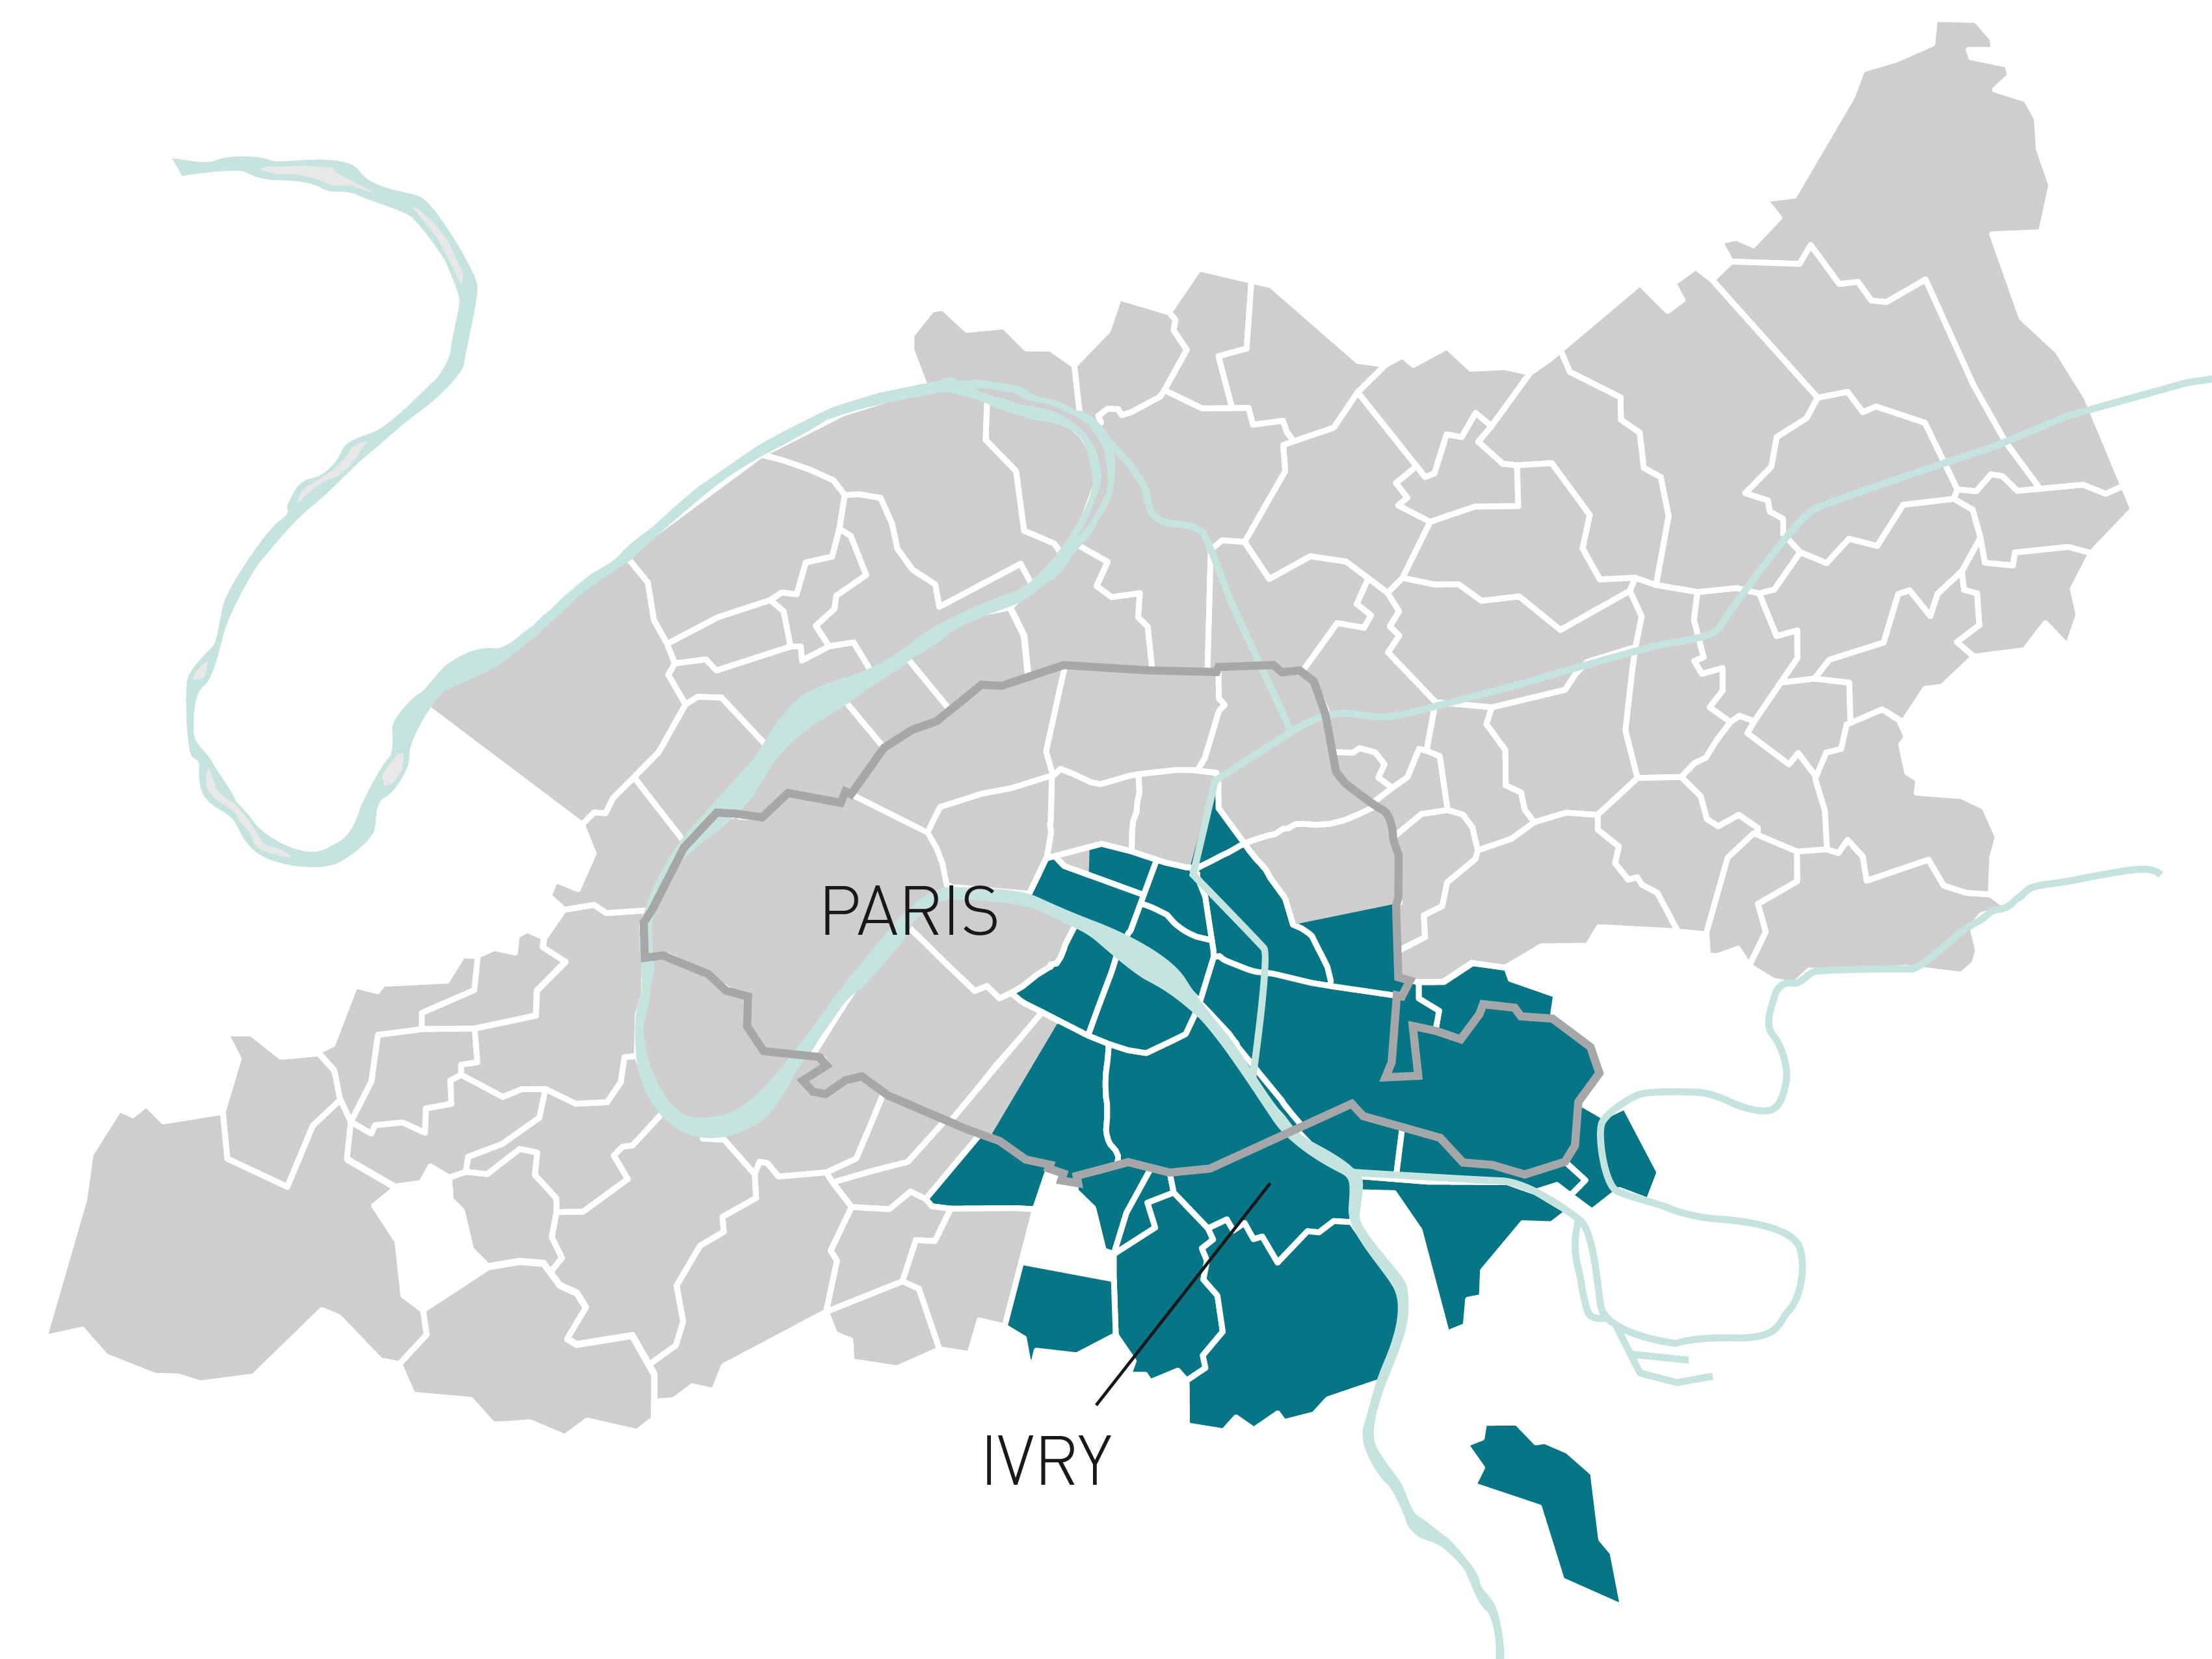 Les communes du bassin versant de l'usine à IVRY/PARIS XIII